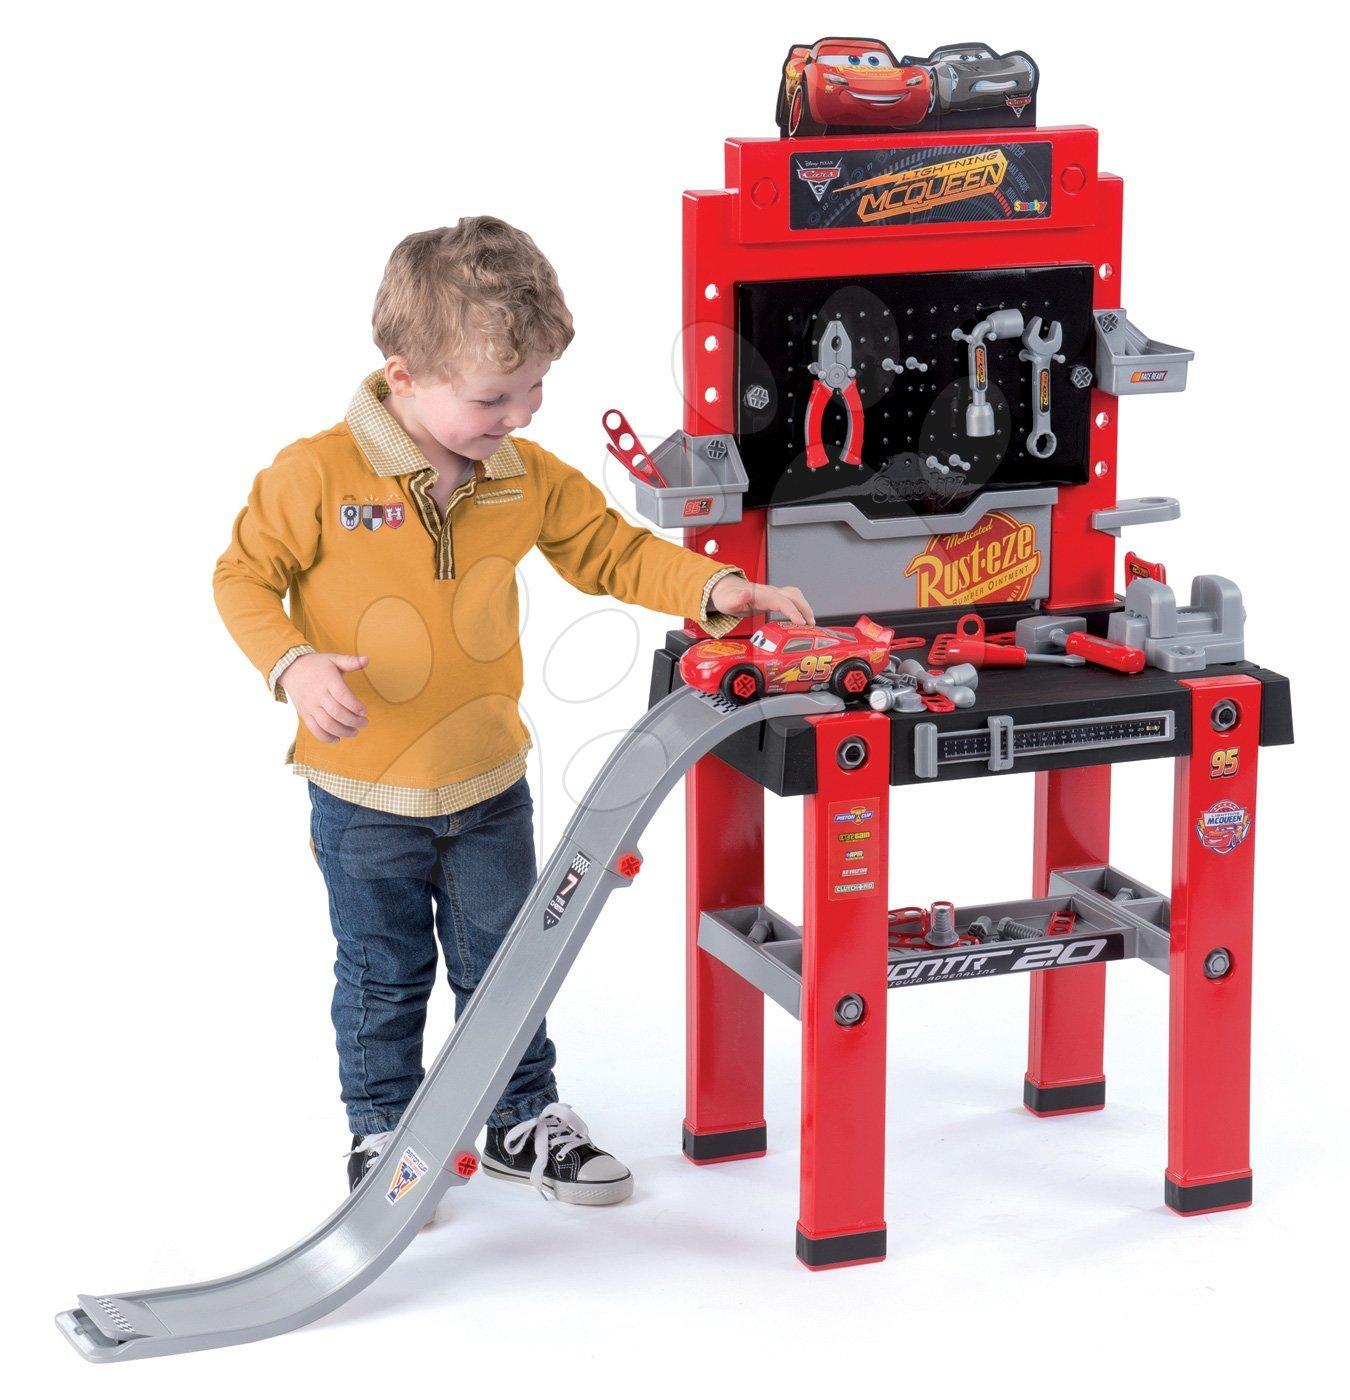 Radionica Auti 3 Bricolo center Smoby s rampom za skokove, autićem na sastavljanje i 94 dodatka